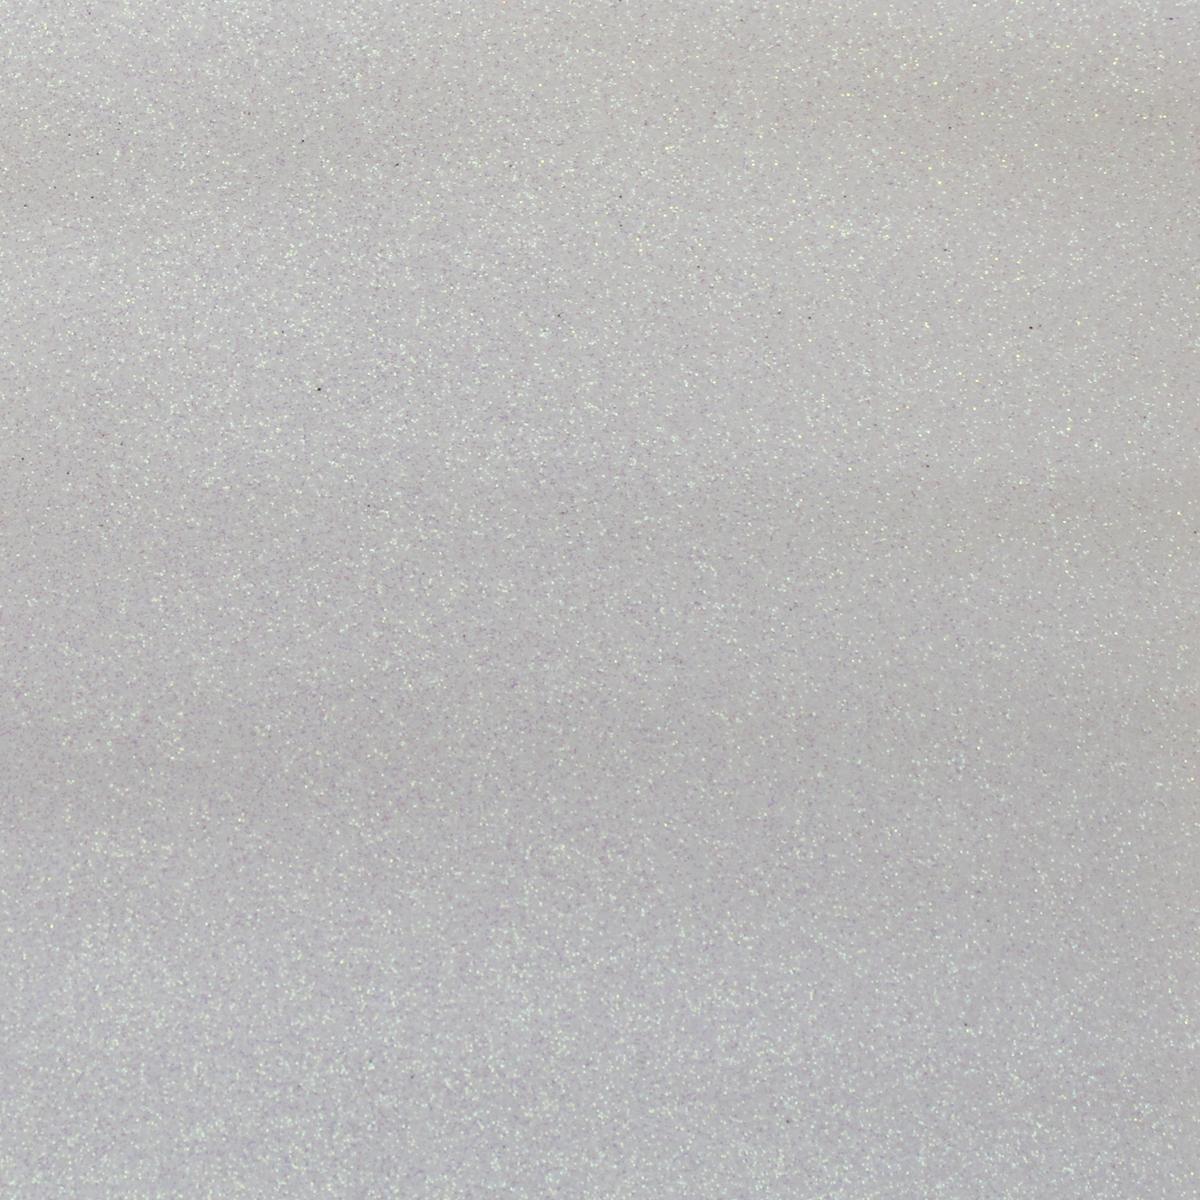 Ткань для рукоделия Ki Sign, с глиттером, цвет: белый, 70 х 45 см7716492_8 белыйТкань для рукоделия Ki Sign с глиттером (55% ПВХ, 45% полиэстер) предназначена для шитья текстильных кукол и игрушек, пэчворк-работ, для квилтинга и скрапбукинга. Такая ткань удобна в раскрое, не скользит, легко стирается и достаточно прочная.